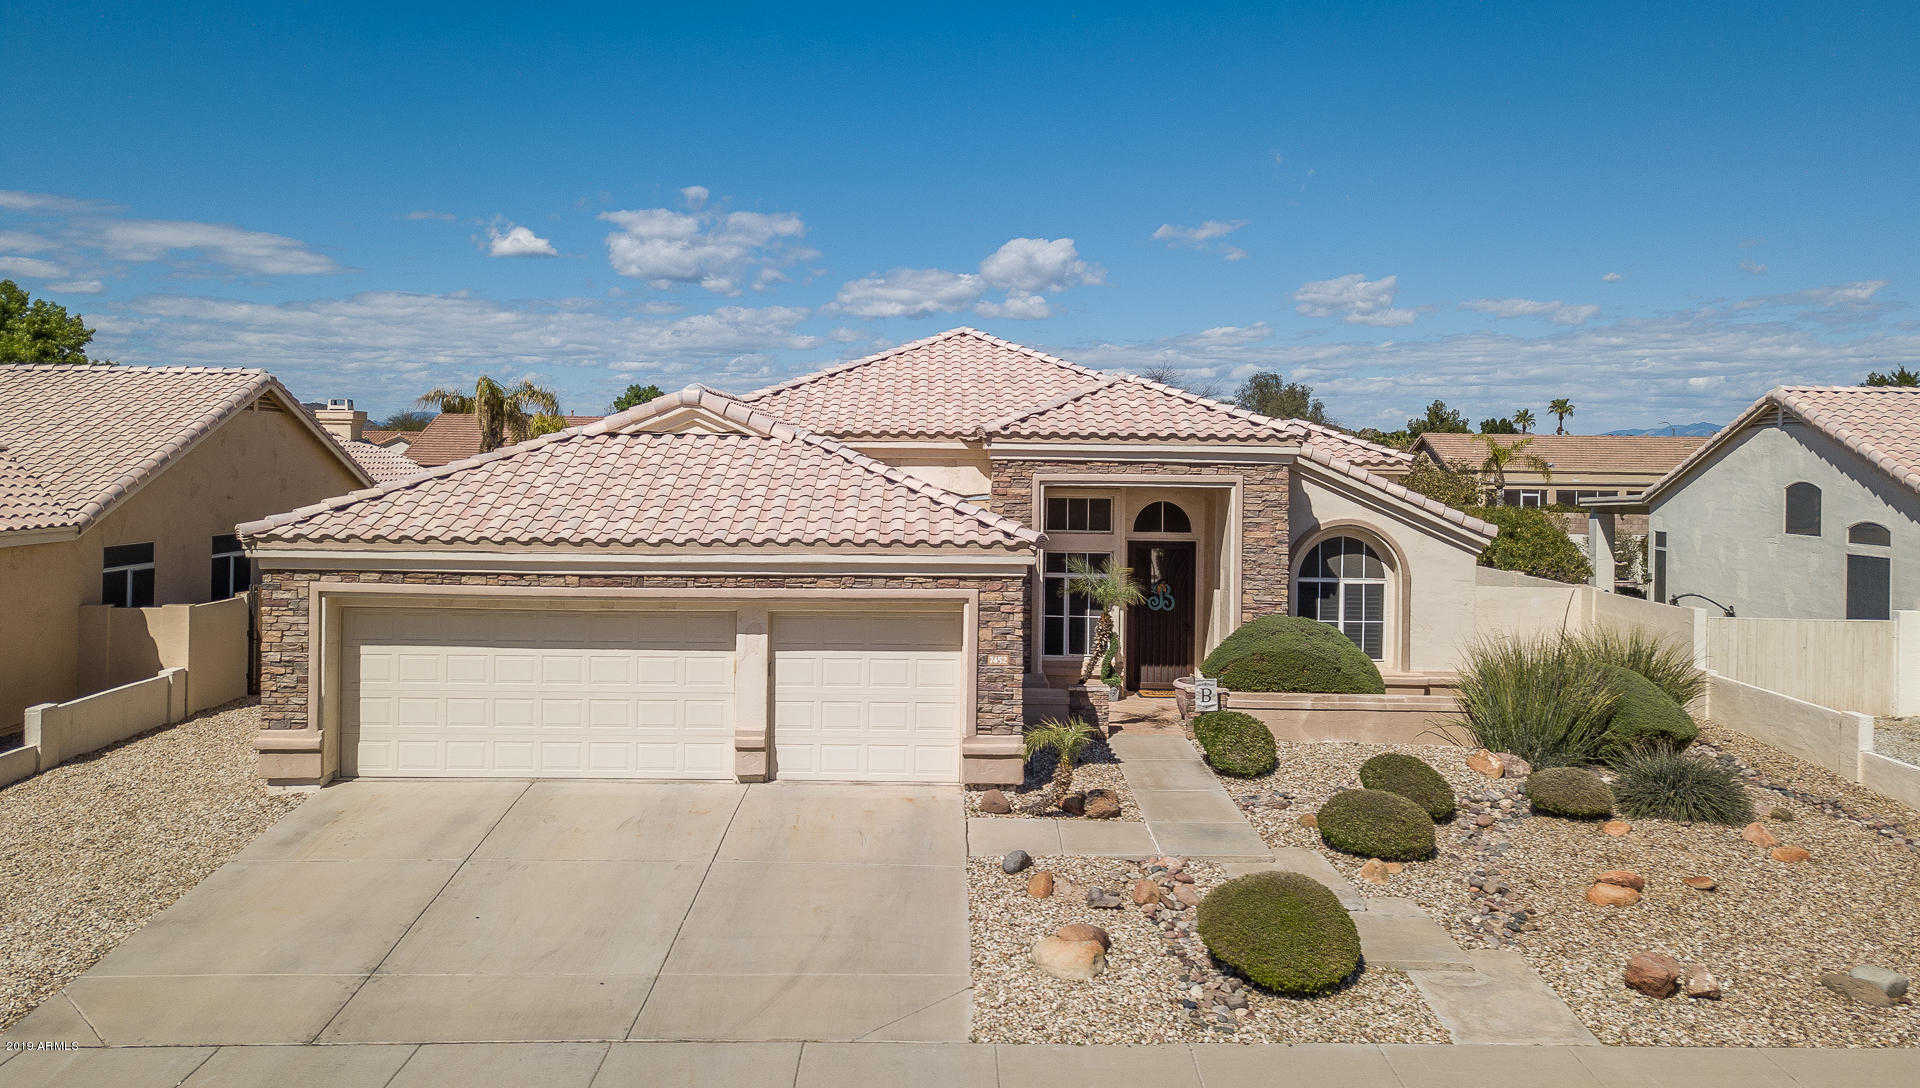 $399,850 - 4Br/2Ba - Home for Sale in Hillcrest Ranch Parcel F & H, Glendale